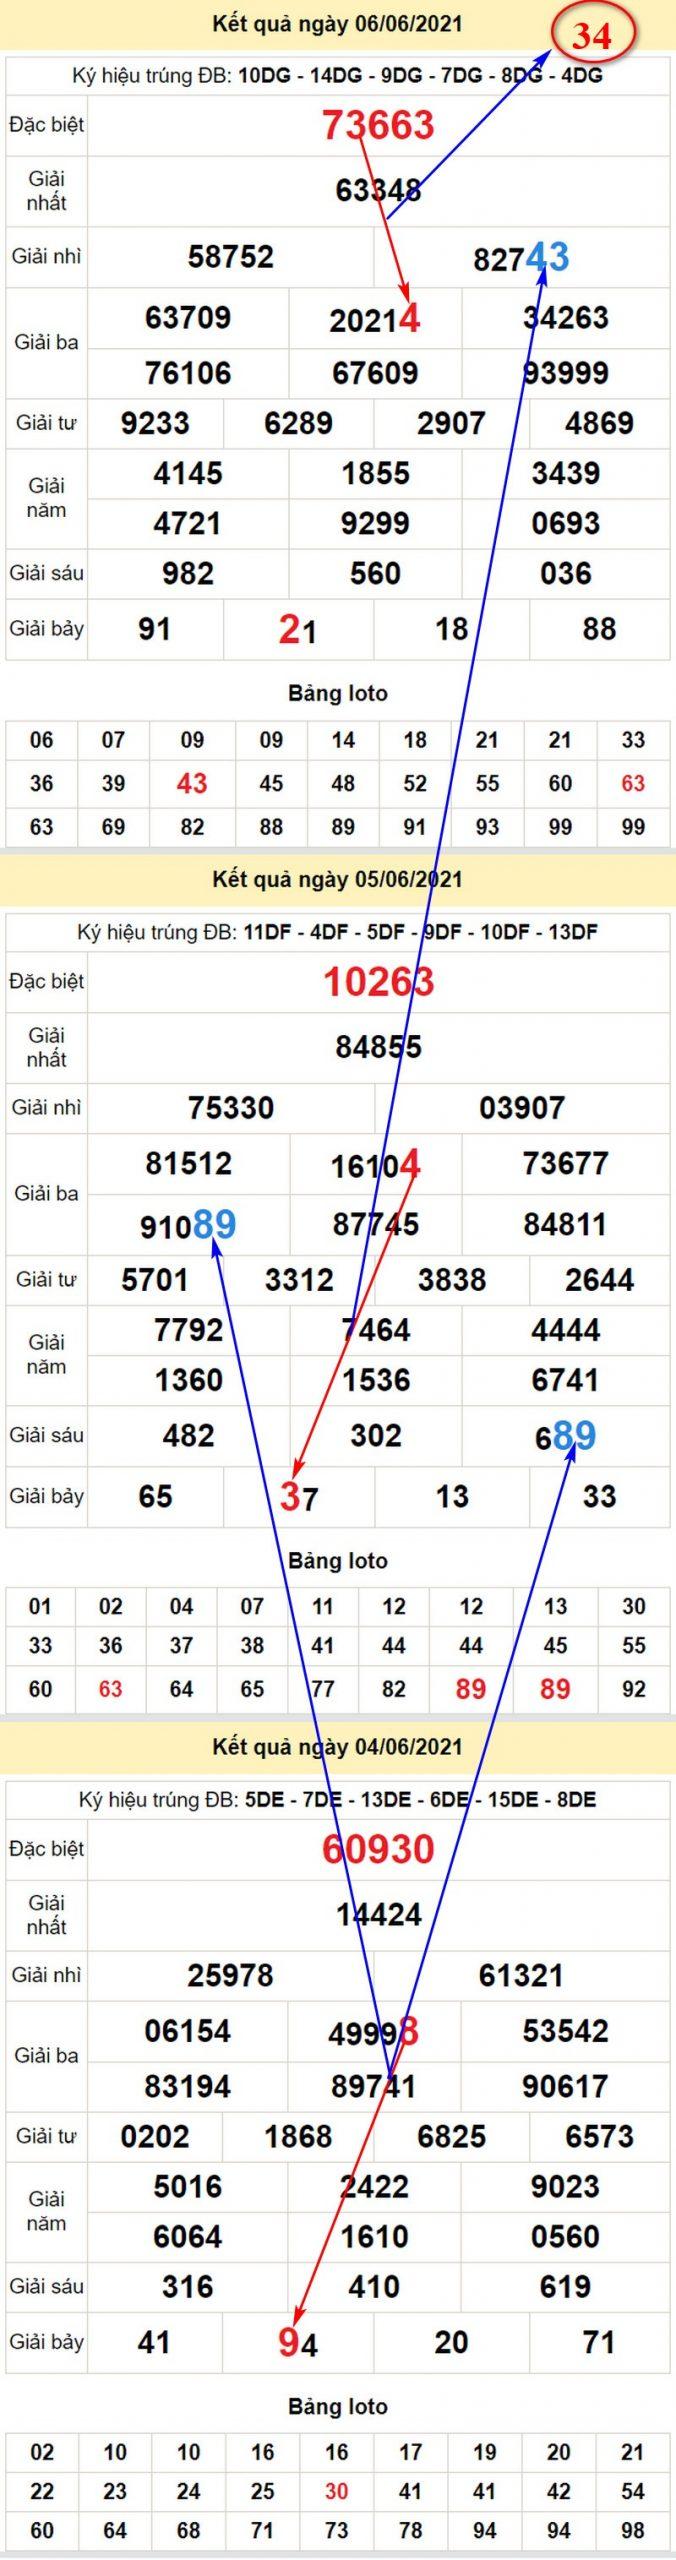 Chi tiết soi cầu dự đoán kết quả XSMB chính xác nhất thứ hai 7/6/2021